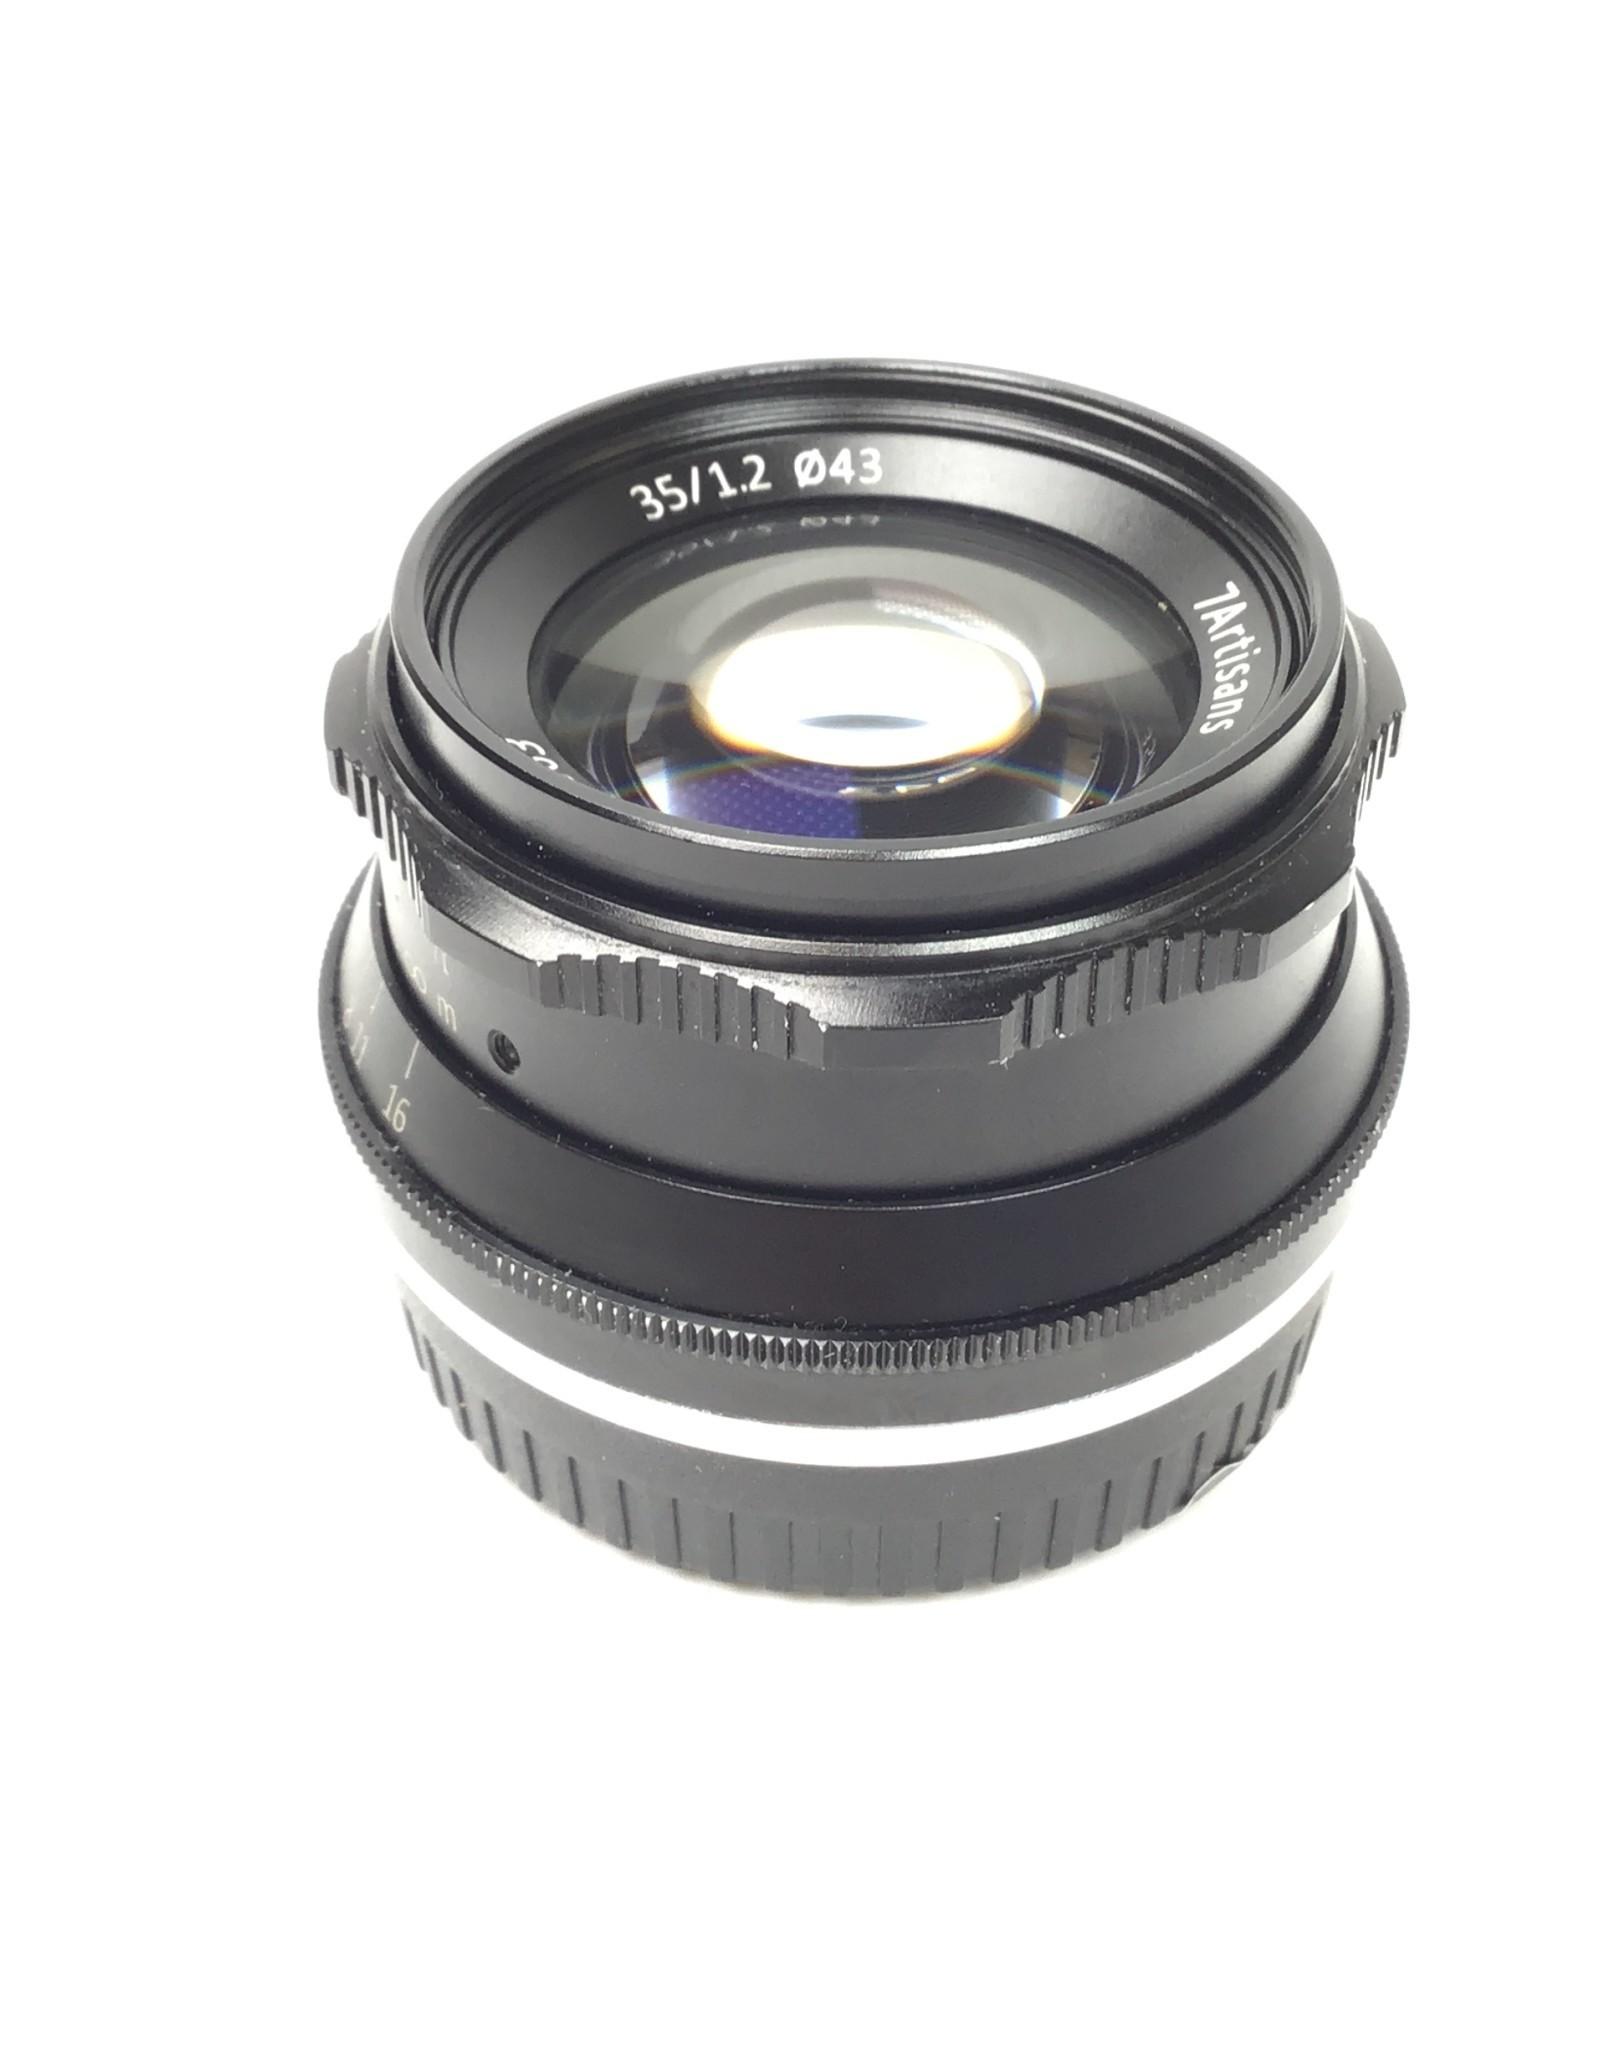 7artisans 7Artisans 35mm f1.2 Lens for Fuji X Used EX